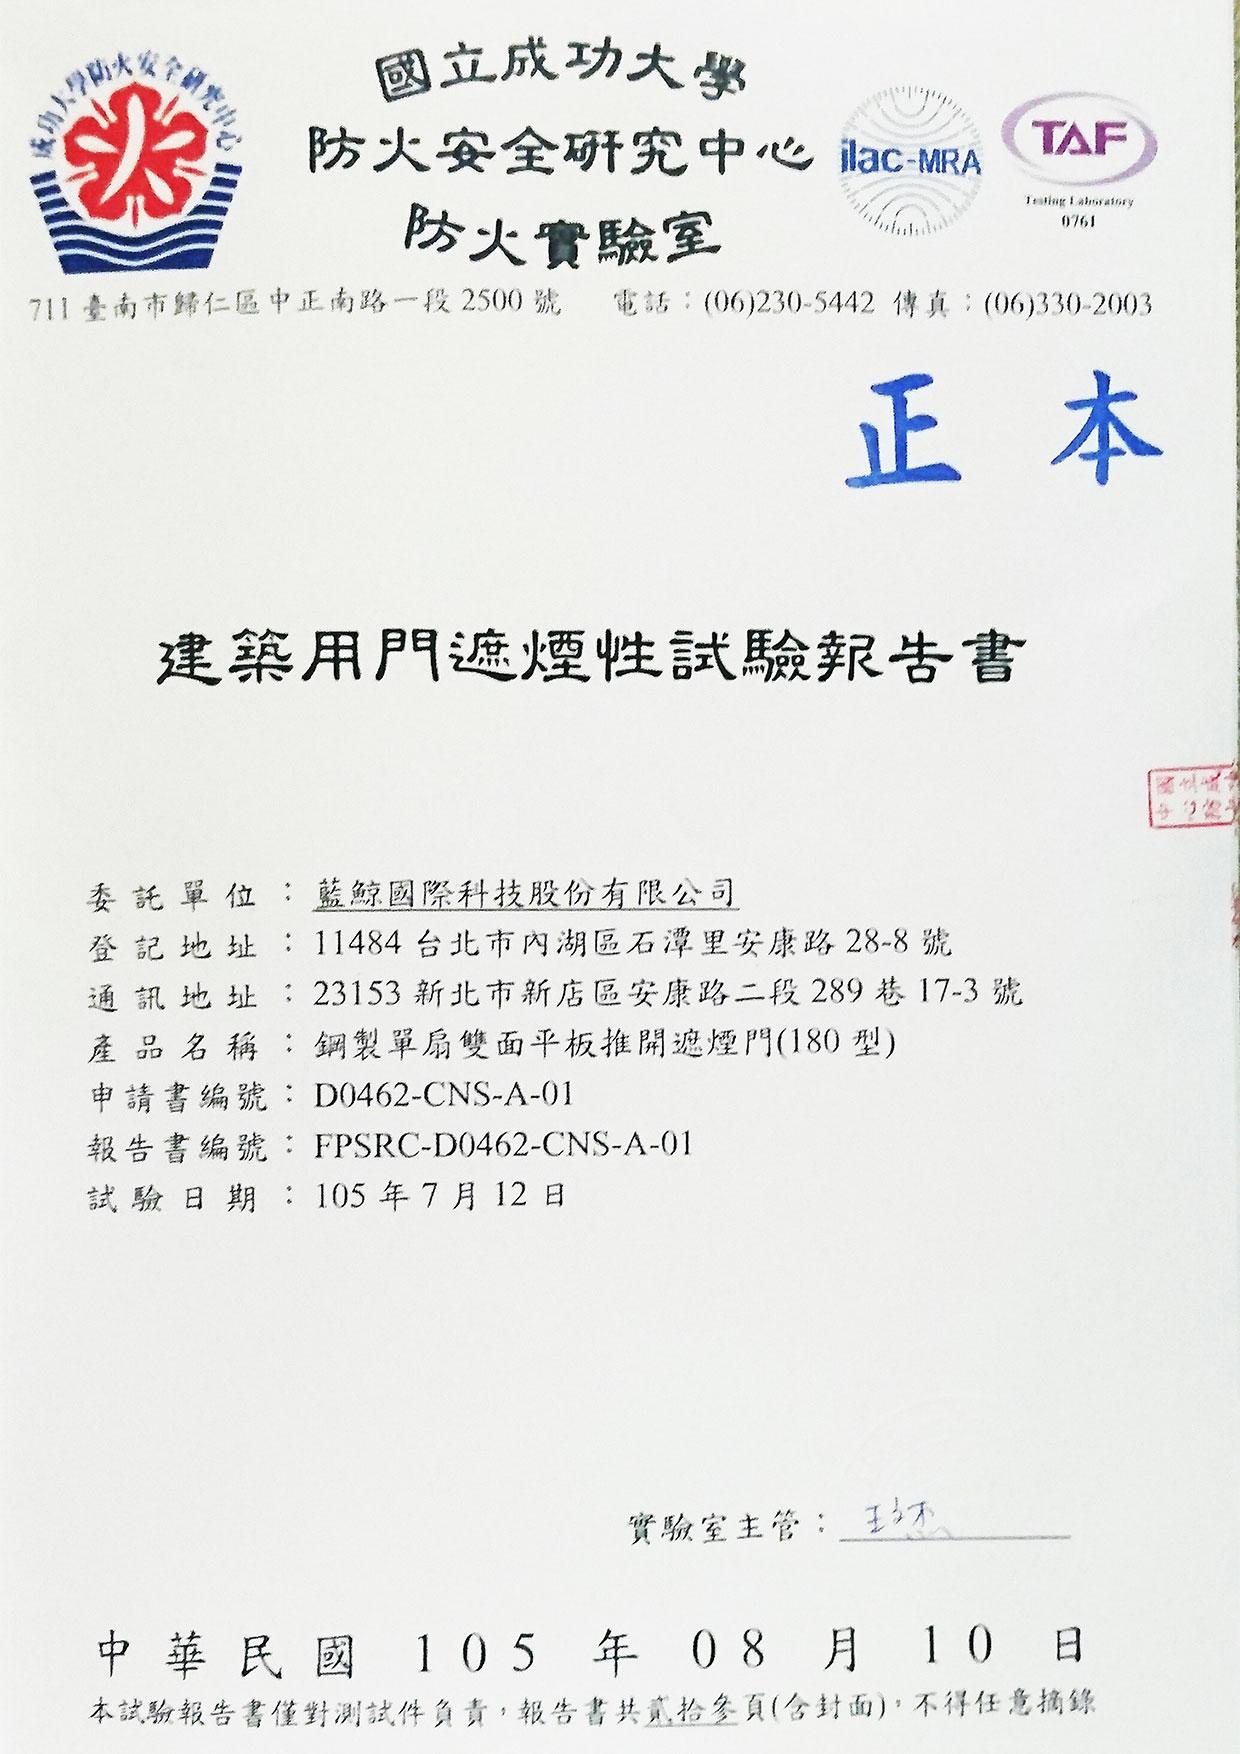 遮煙測試報告書-單扇